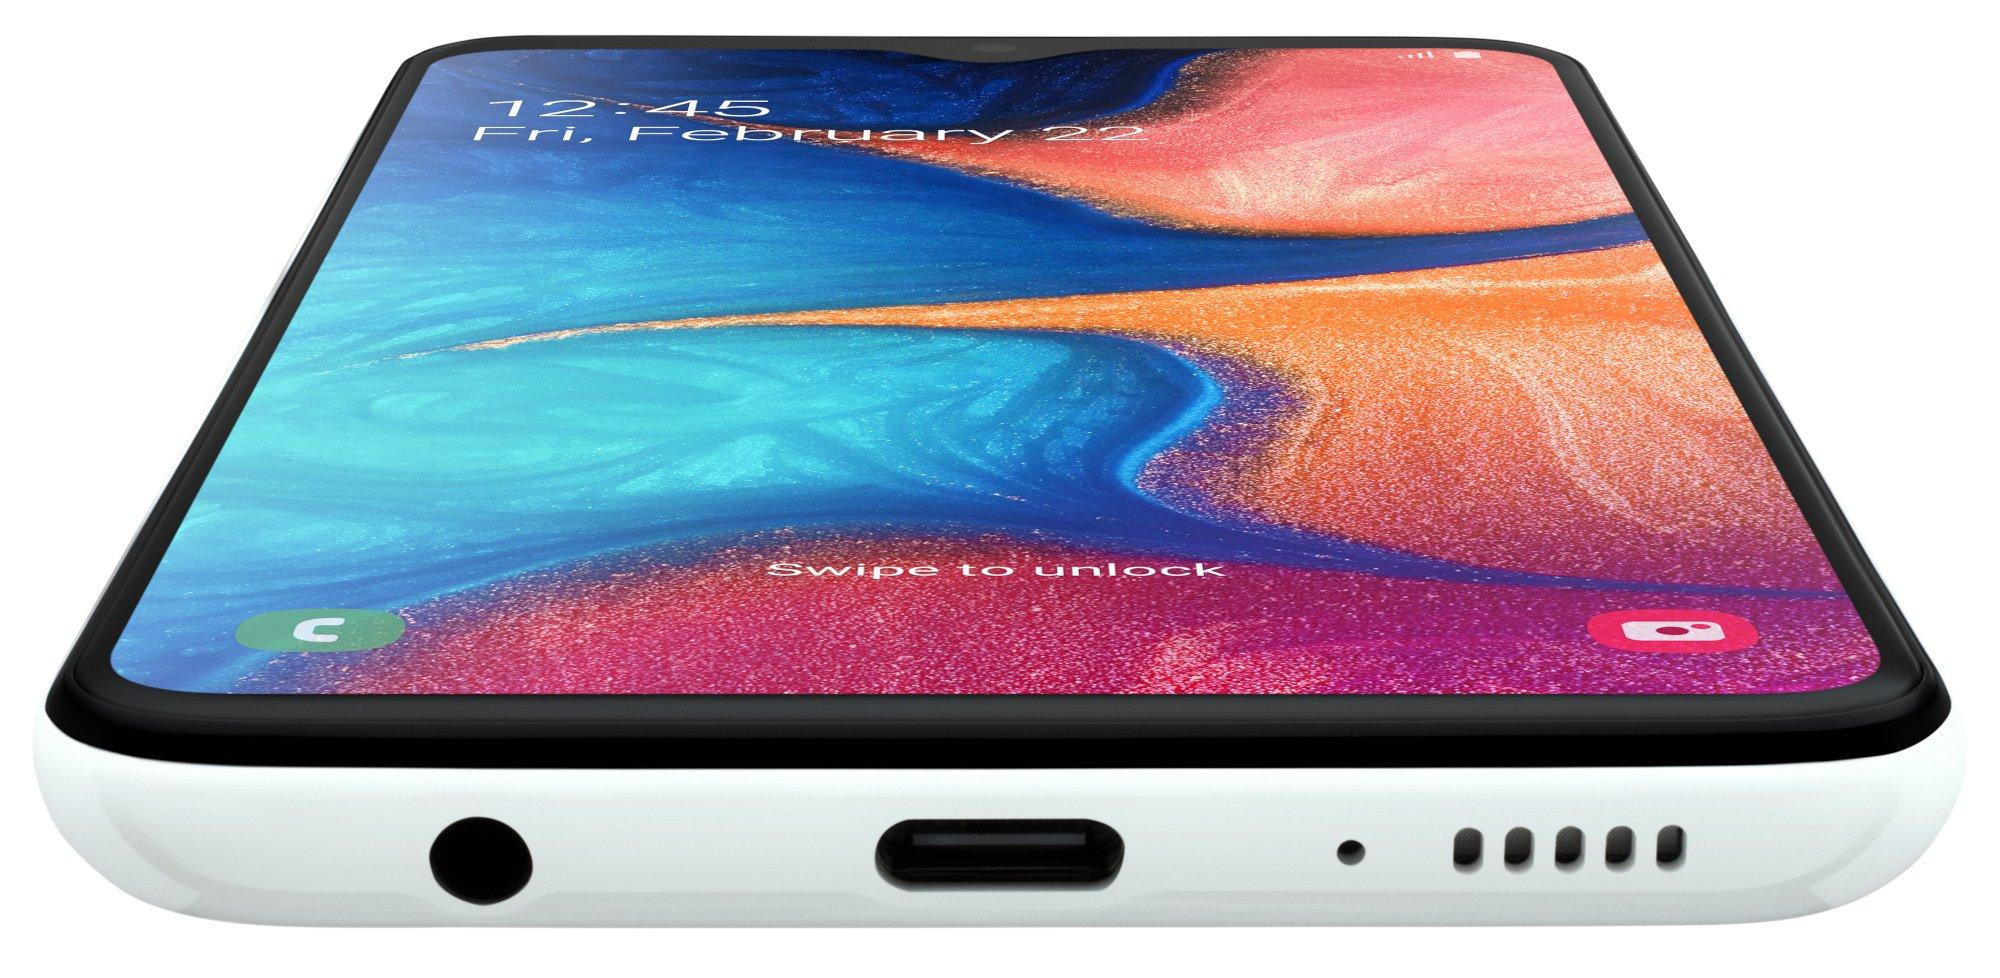 Das Samsung Galaxy A20e einfach und klein, aber vielleicht genau deshalb die richtige Wahl für diejenigen, die bloß erreichbar sein wollen (Bild: Samsung)